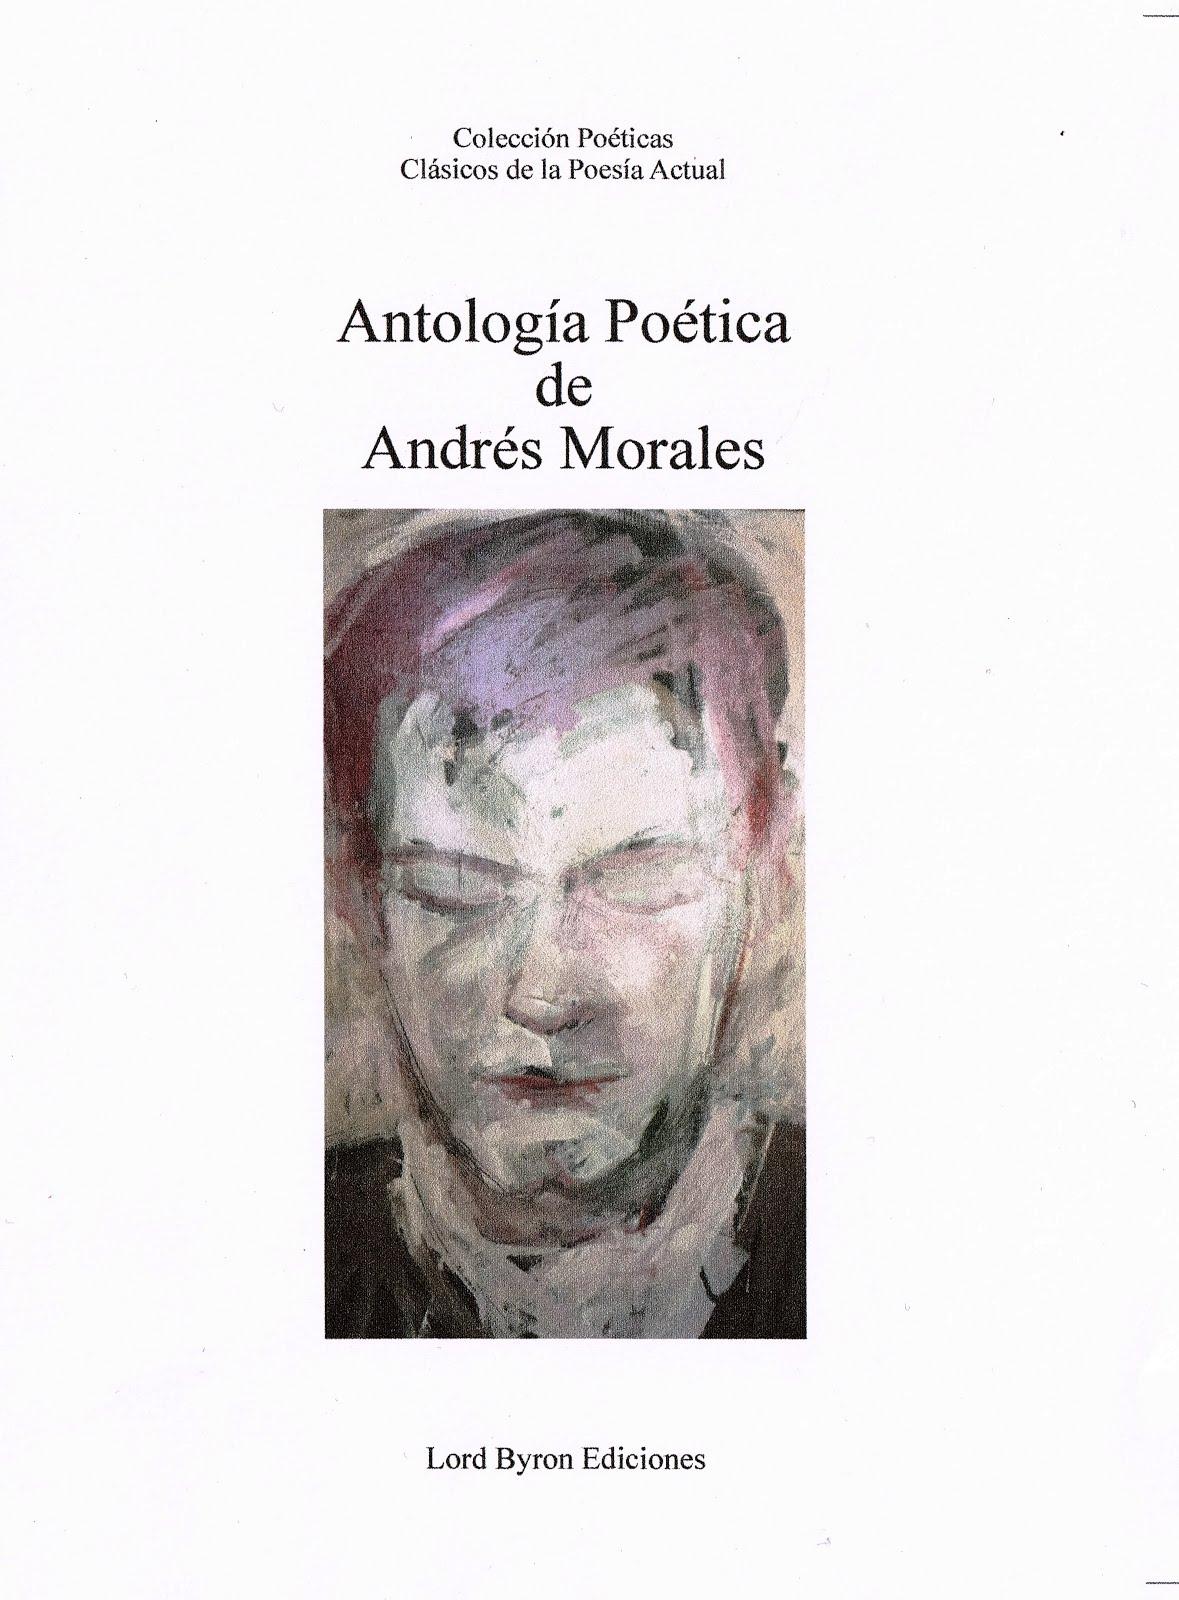 """""""ANTOLOGÍA POÉTICA"""" DE ANDRÉS MORALES"""